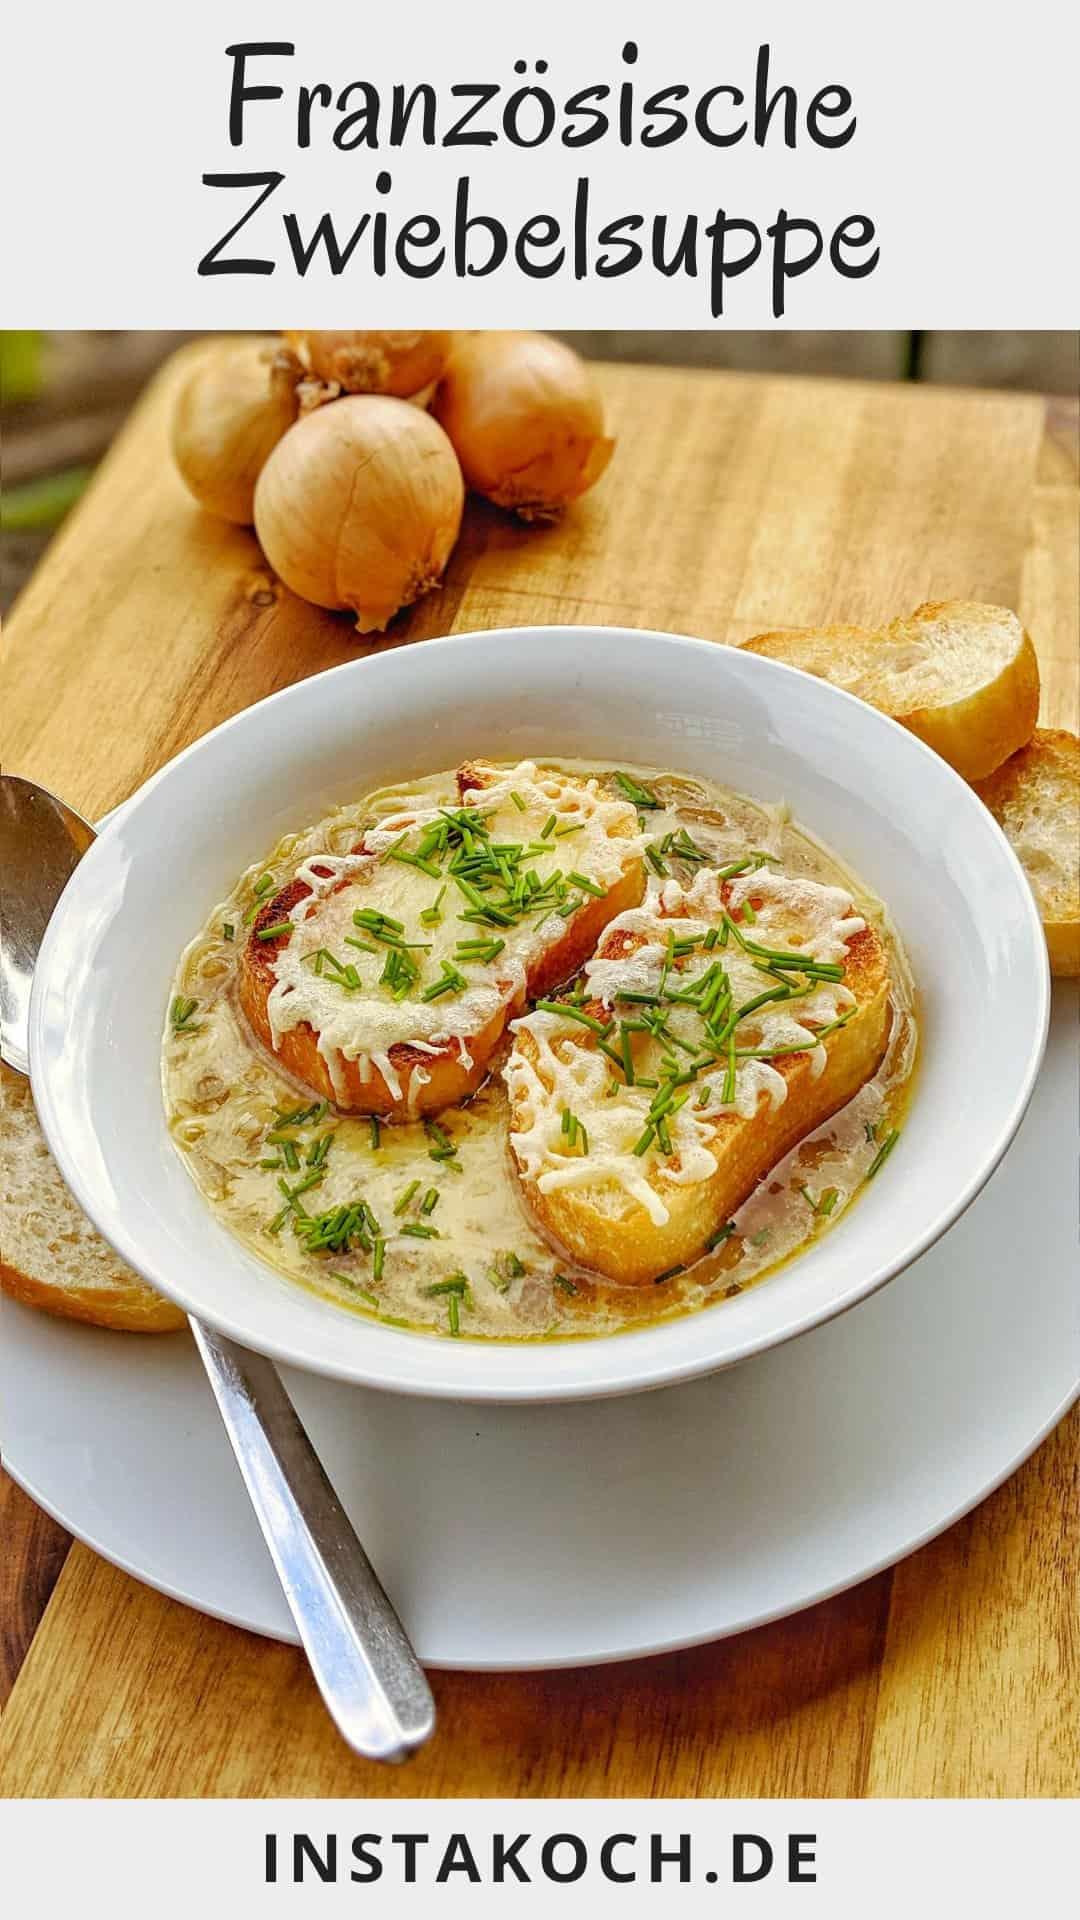 Eine Suppenschale mit französischer Zwiebelsuppe